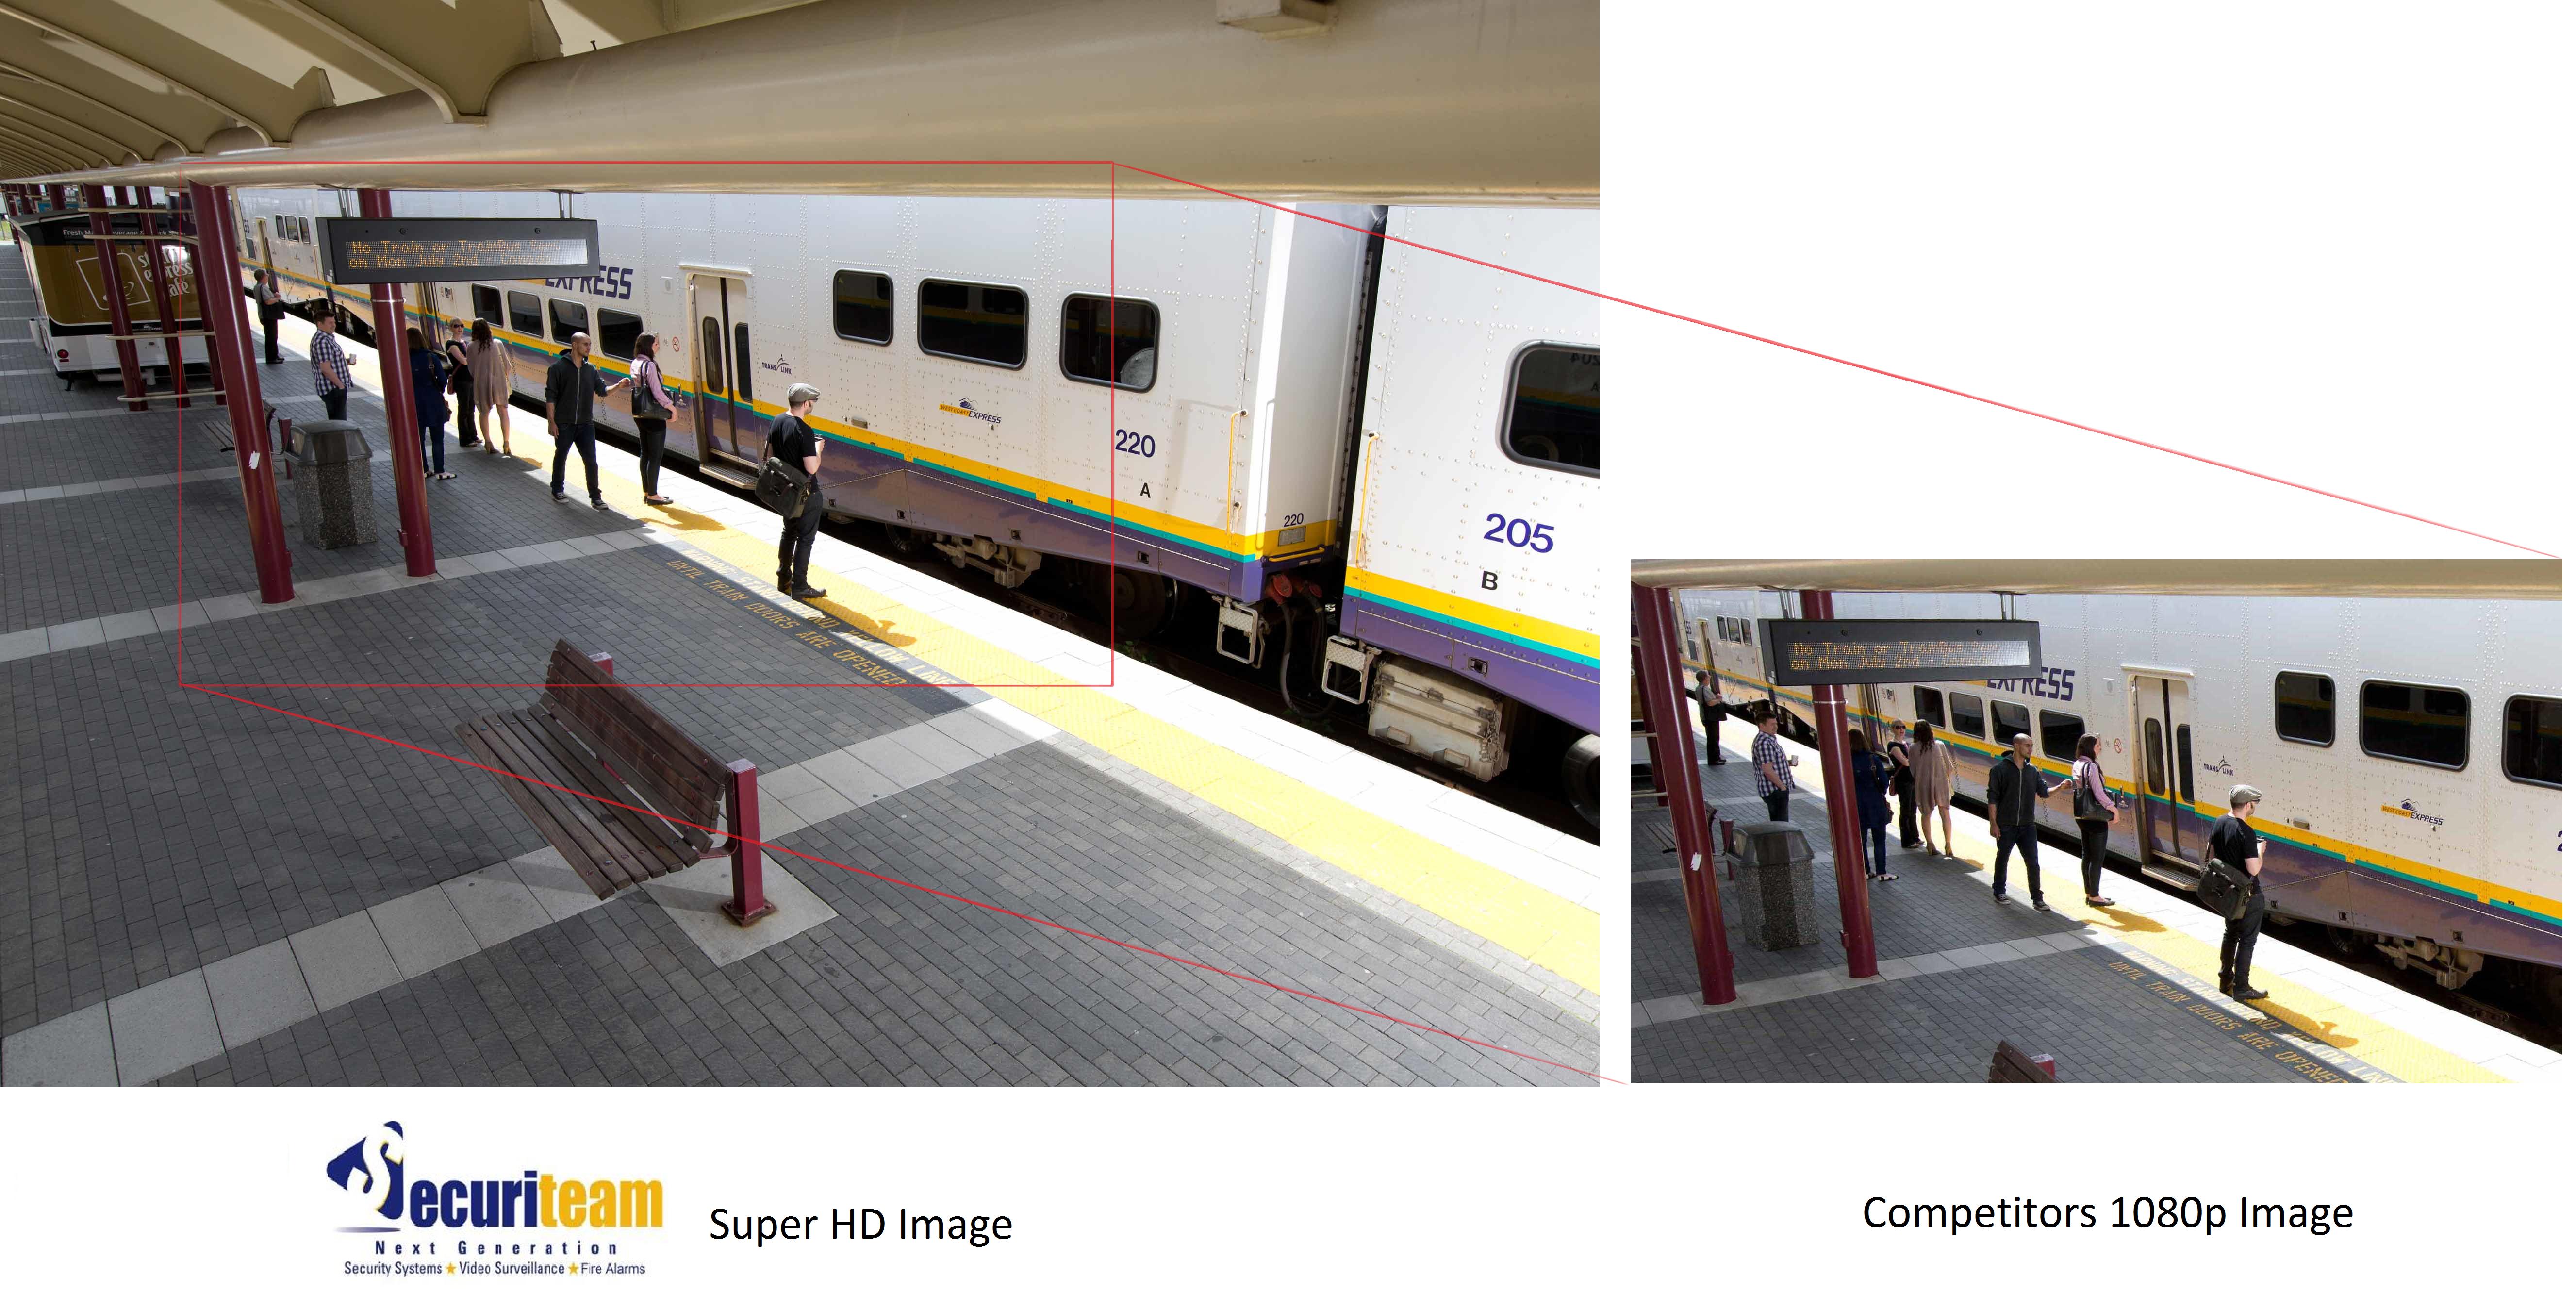 HD 1080p comparison with 4.1 megapixel